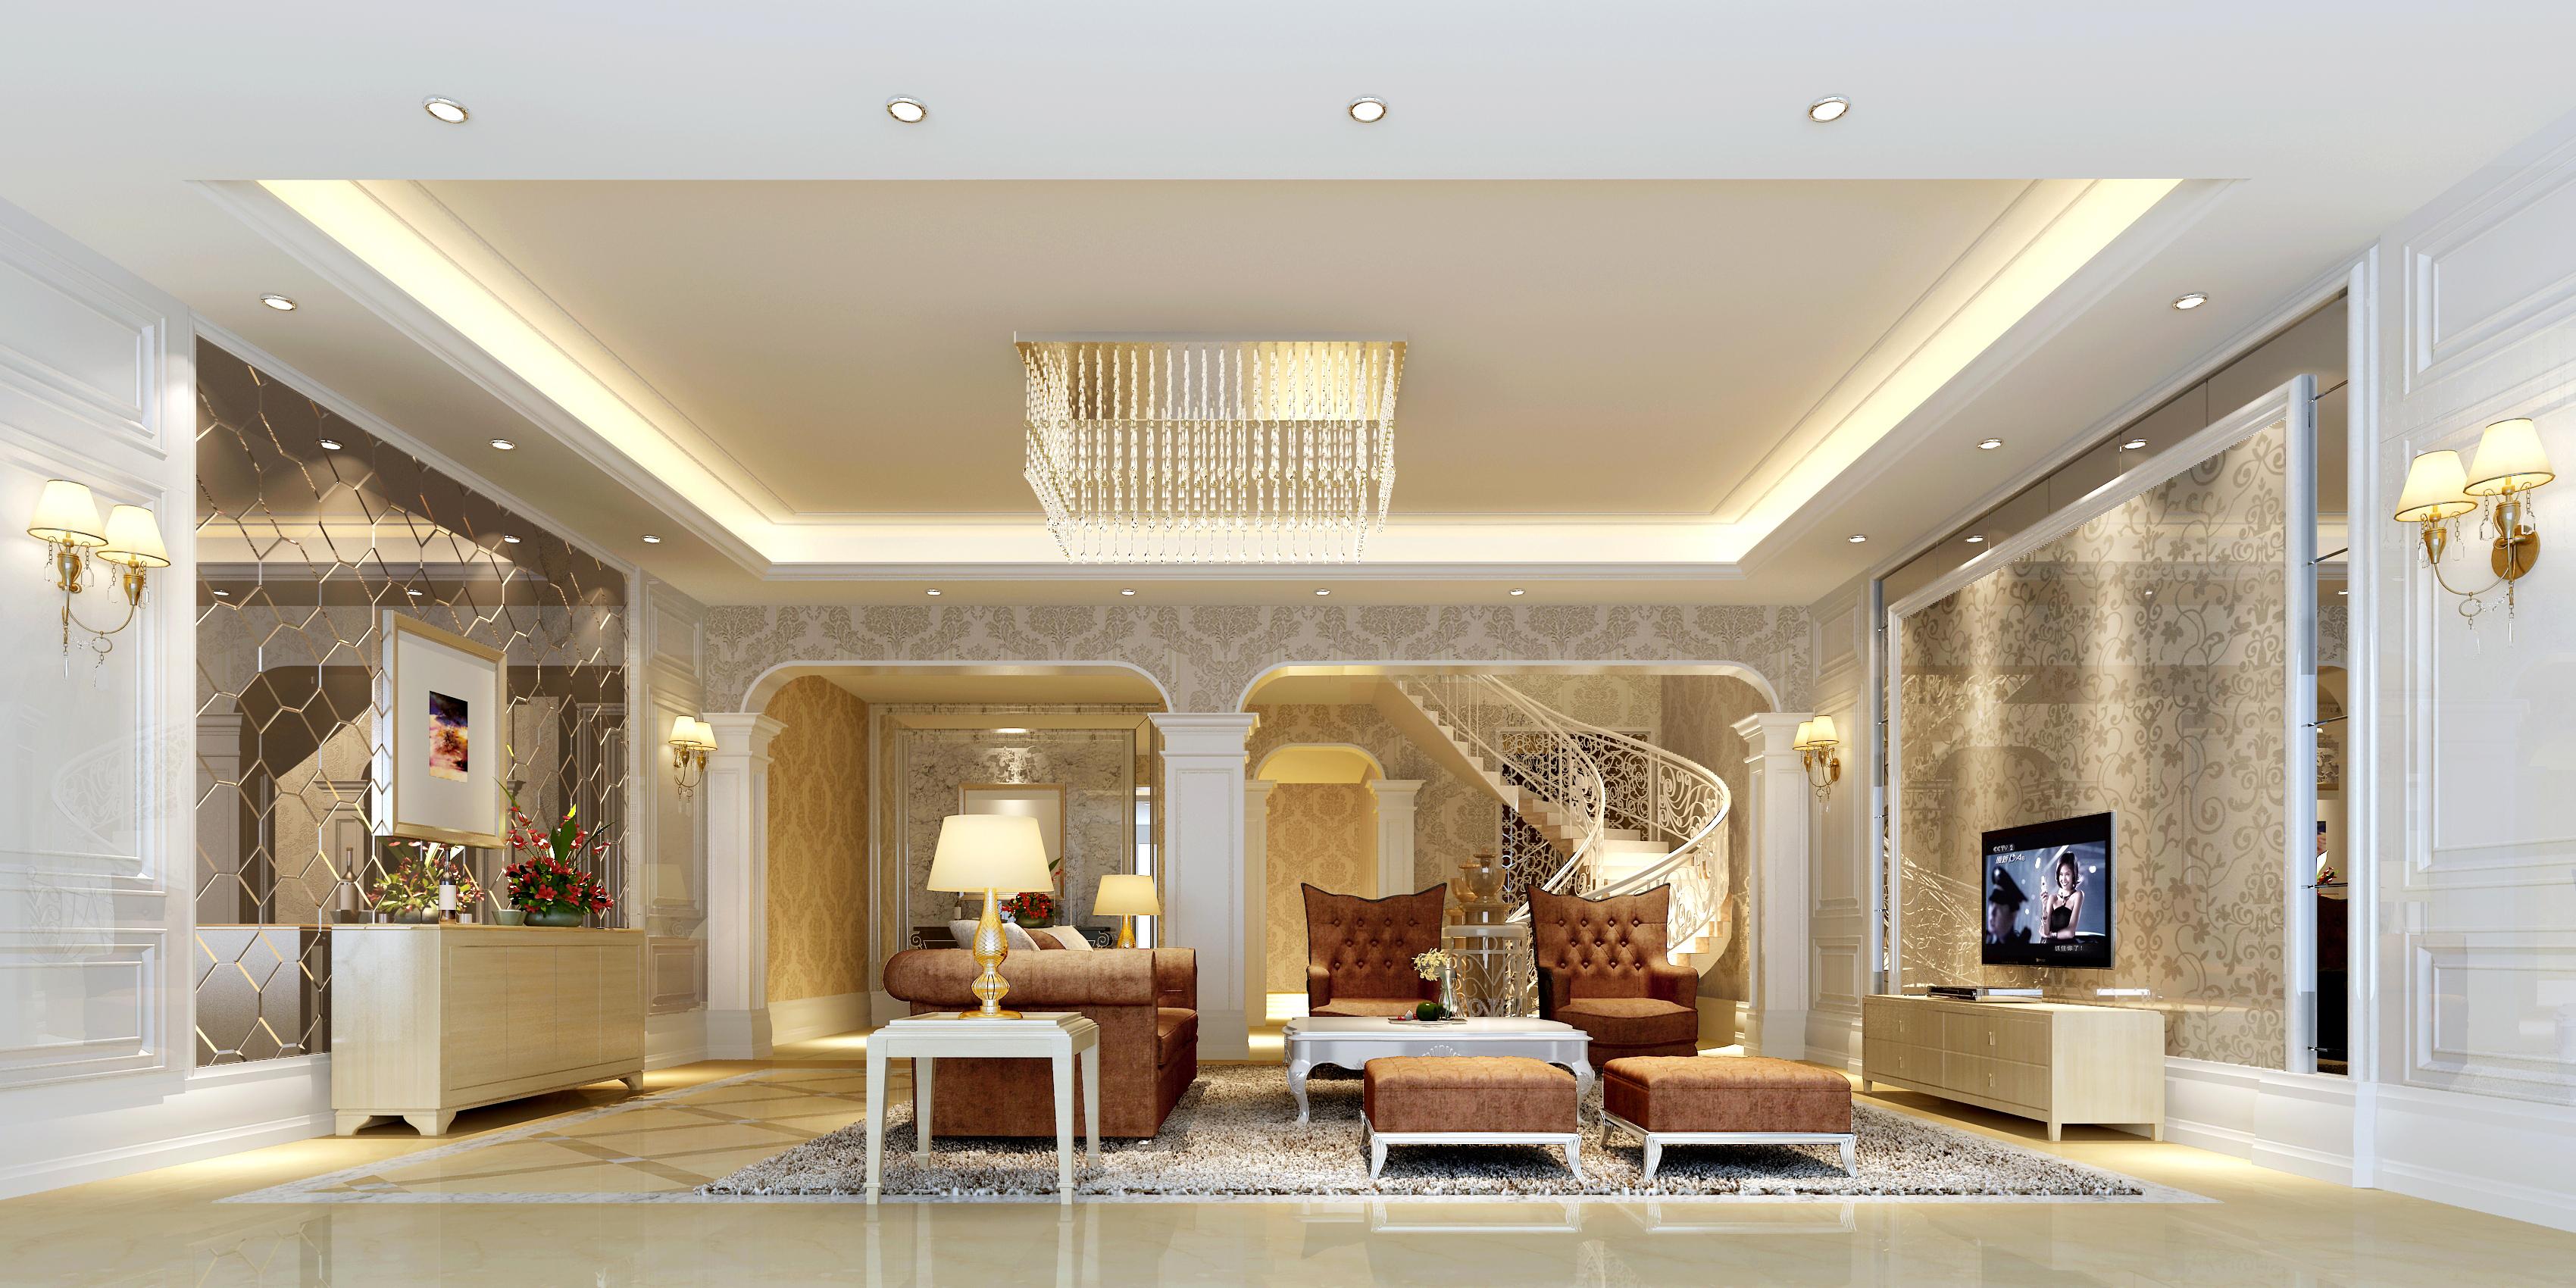 别墅 客厅图片来自用户2192407445在别墅装修的分享